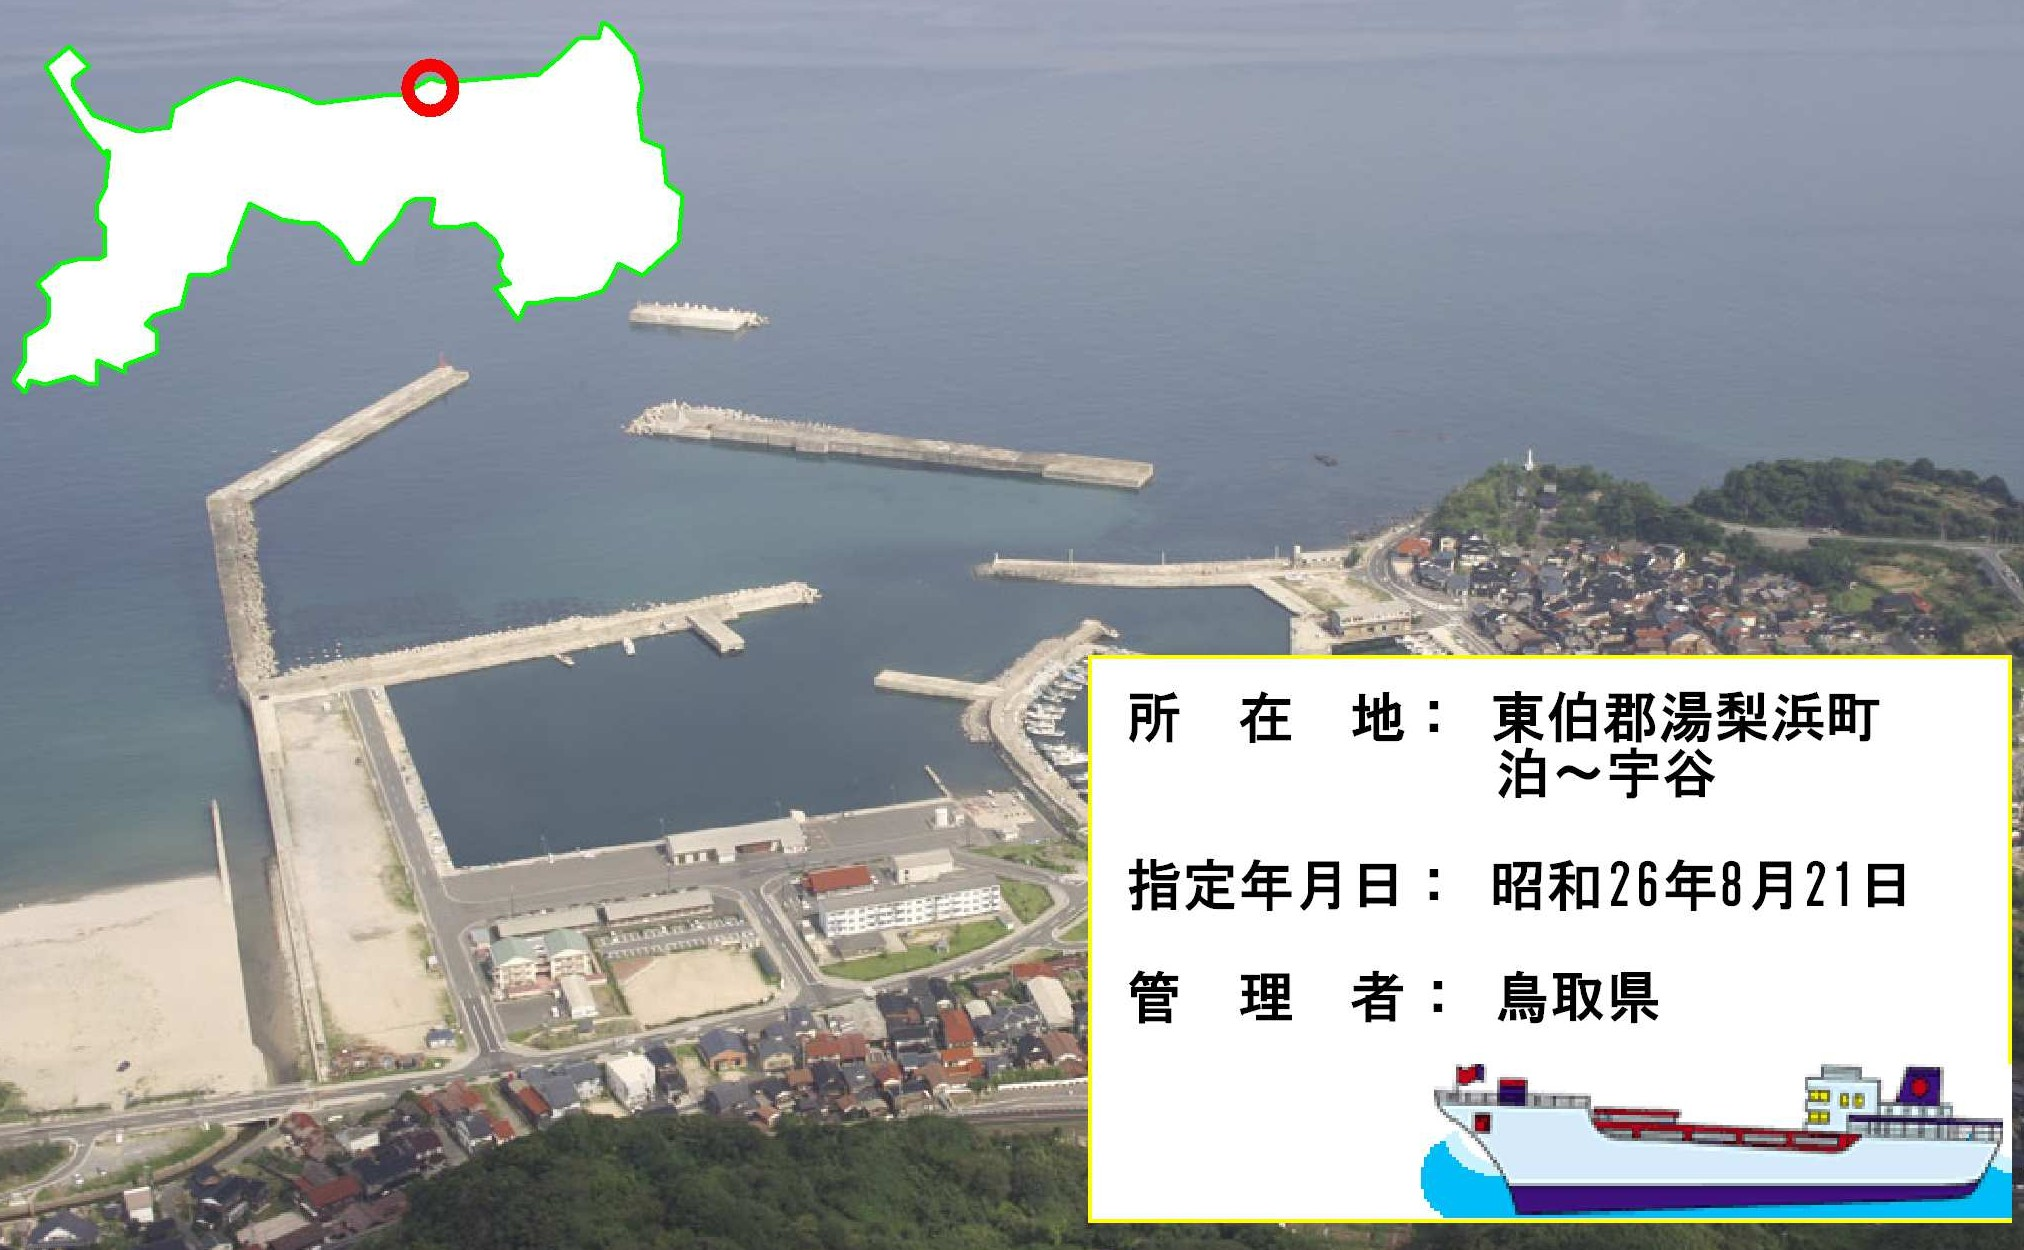 泊漁港 空港港湾課 とりネット 鳥取県公式サイト